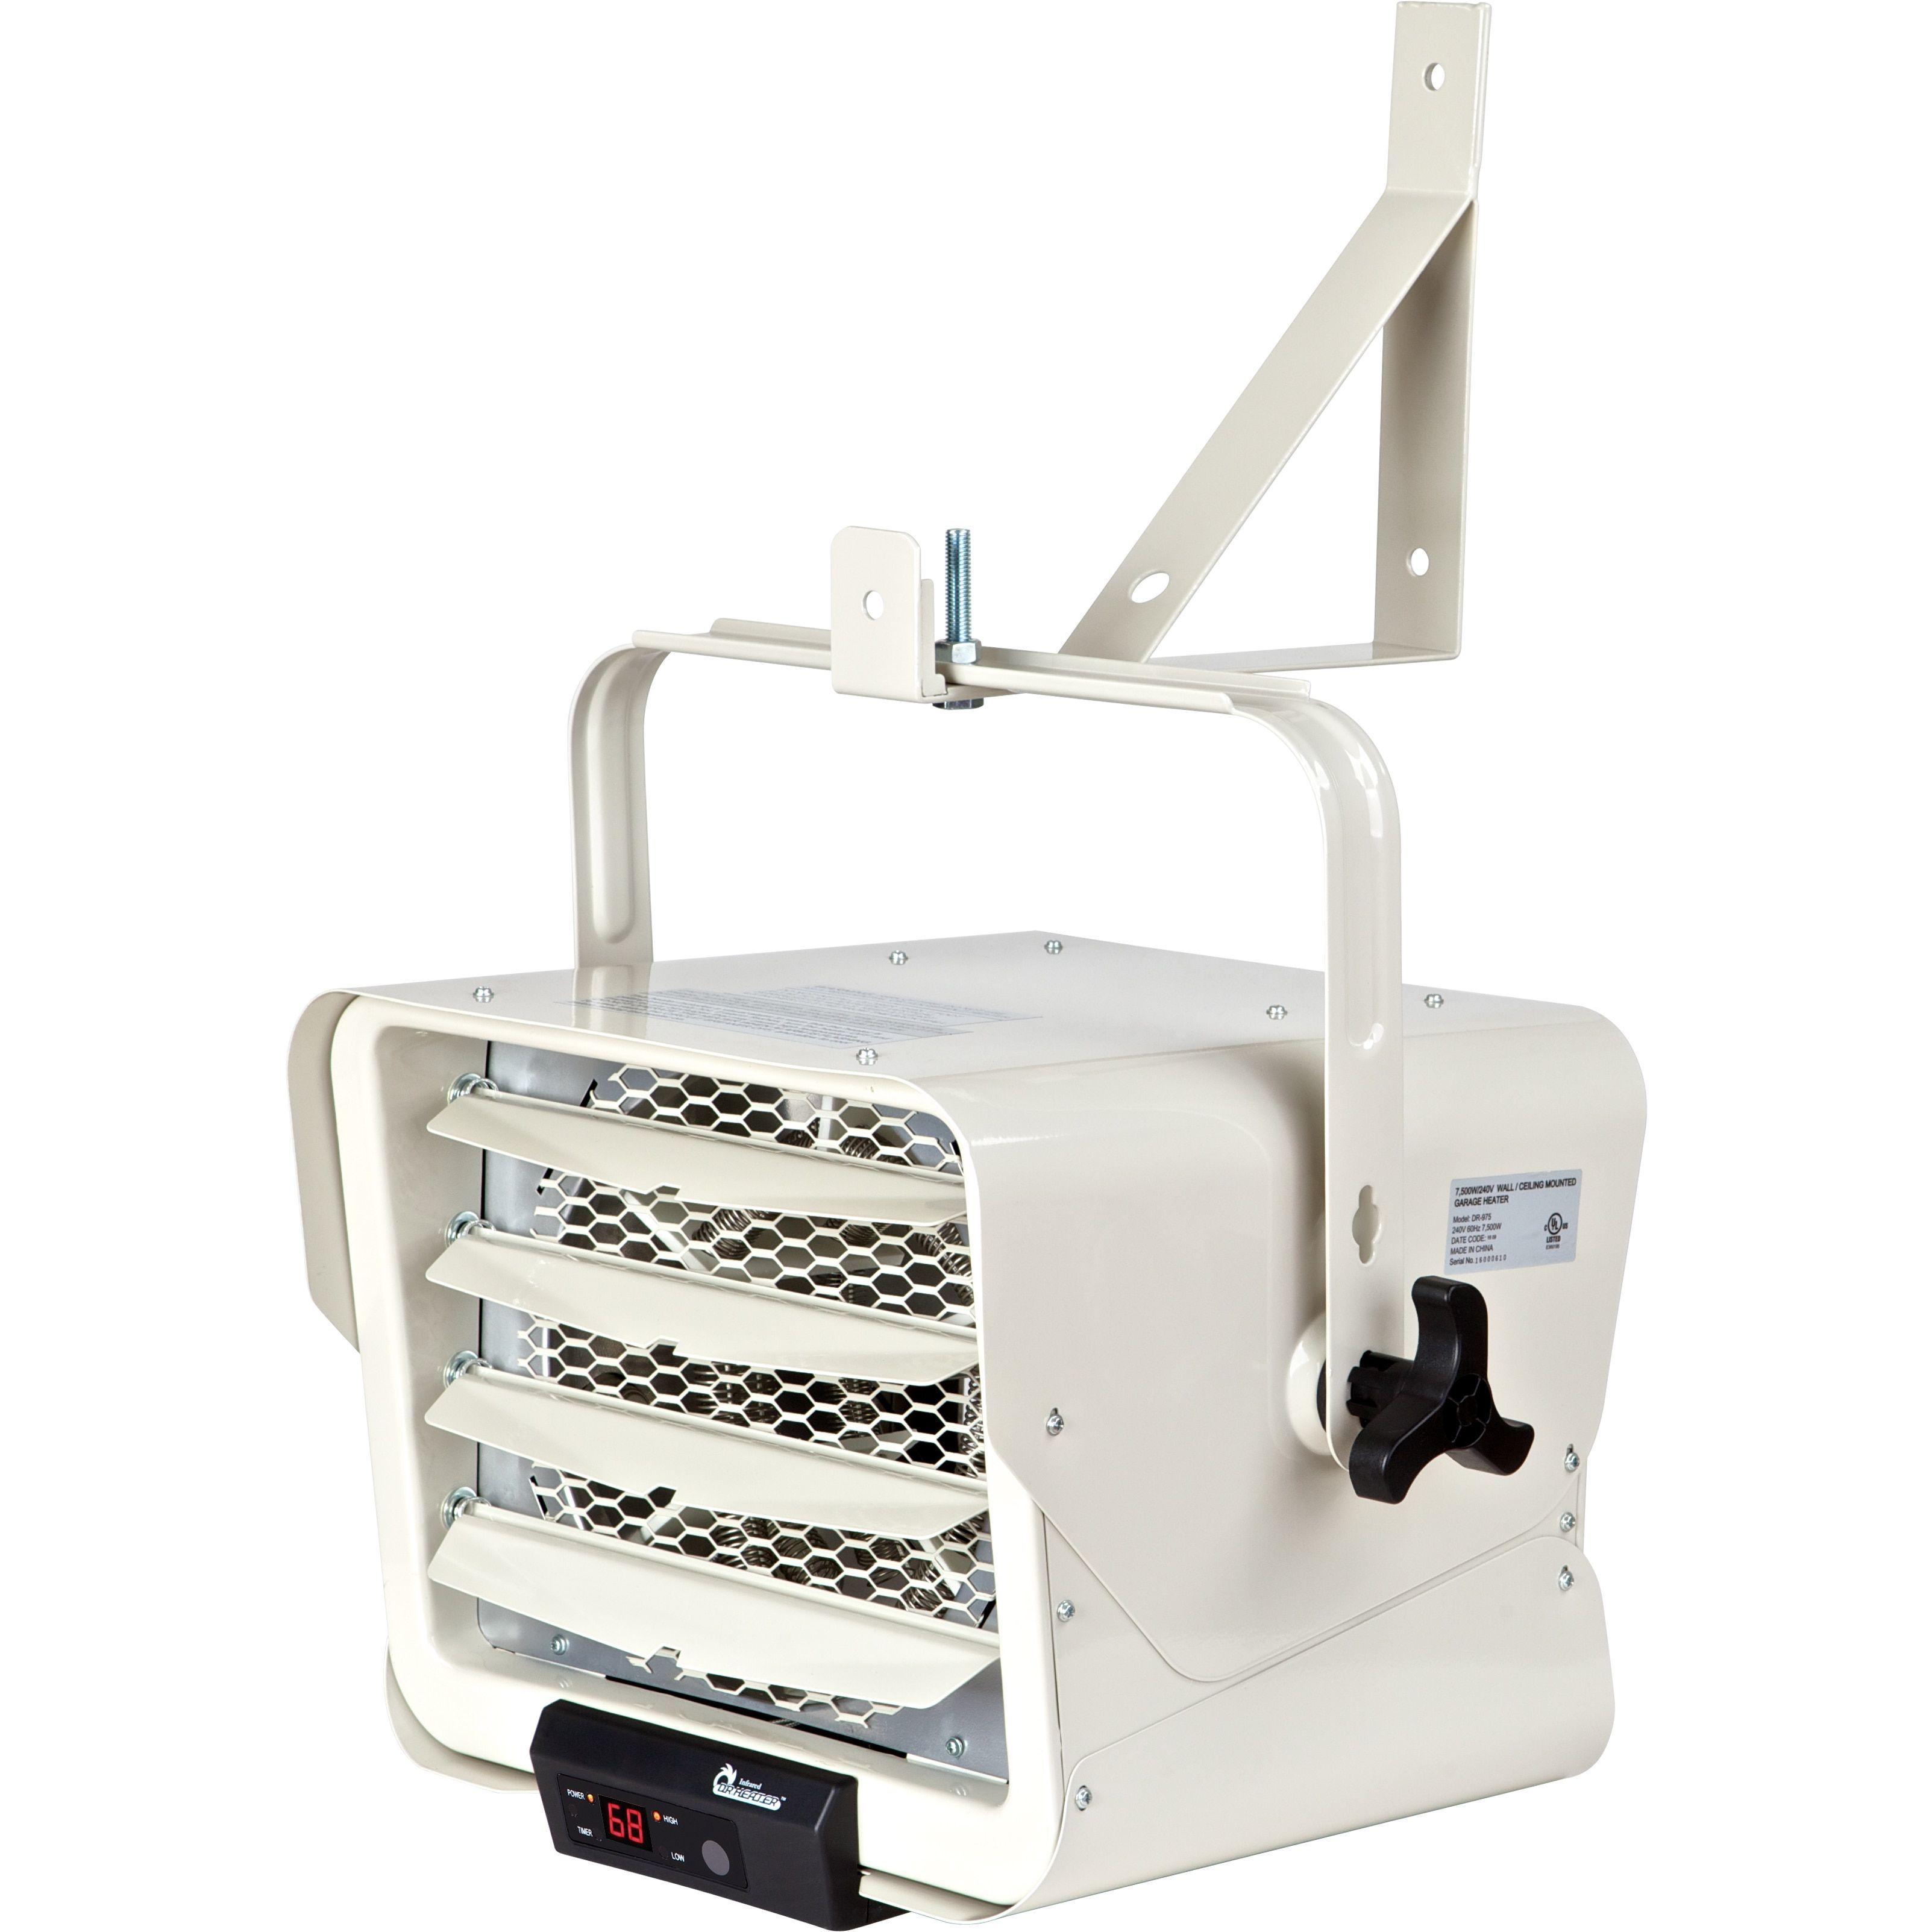 Dr Infrared Heater 7500 Watt 240 Volt Hardwired Shop Garage